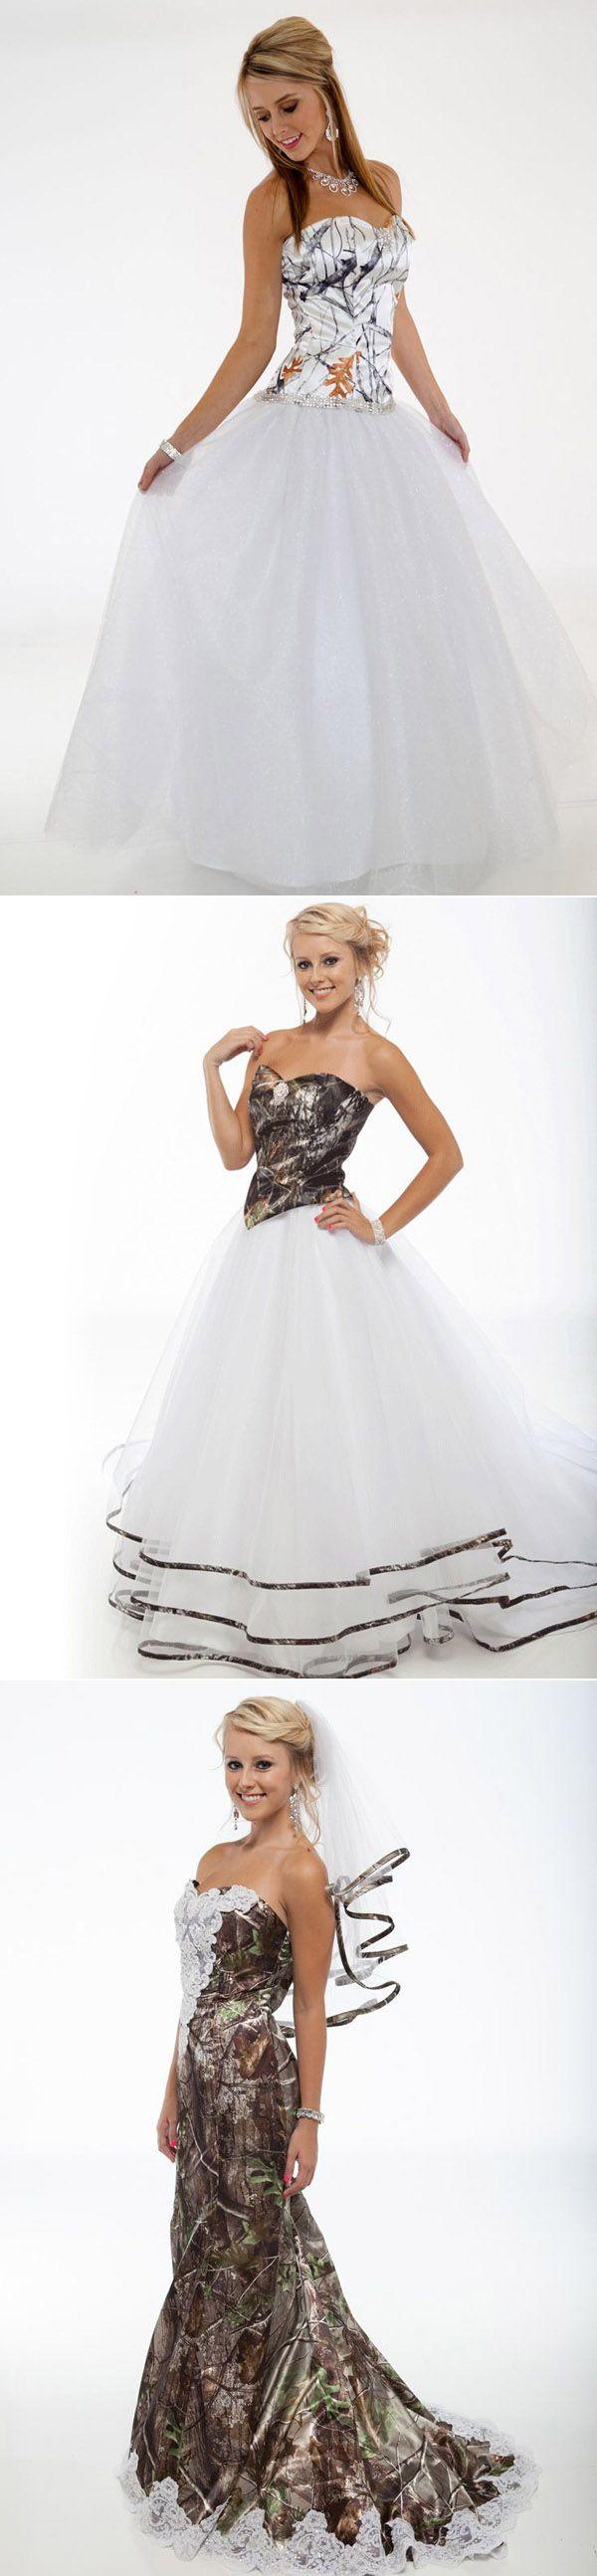 White Camo Dresses For Weddings Fashion Dresses